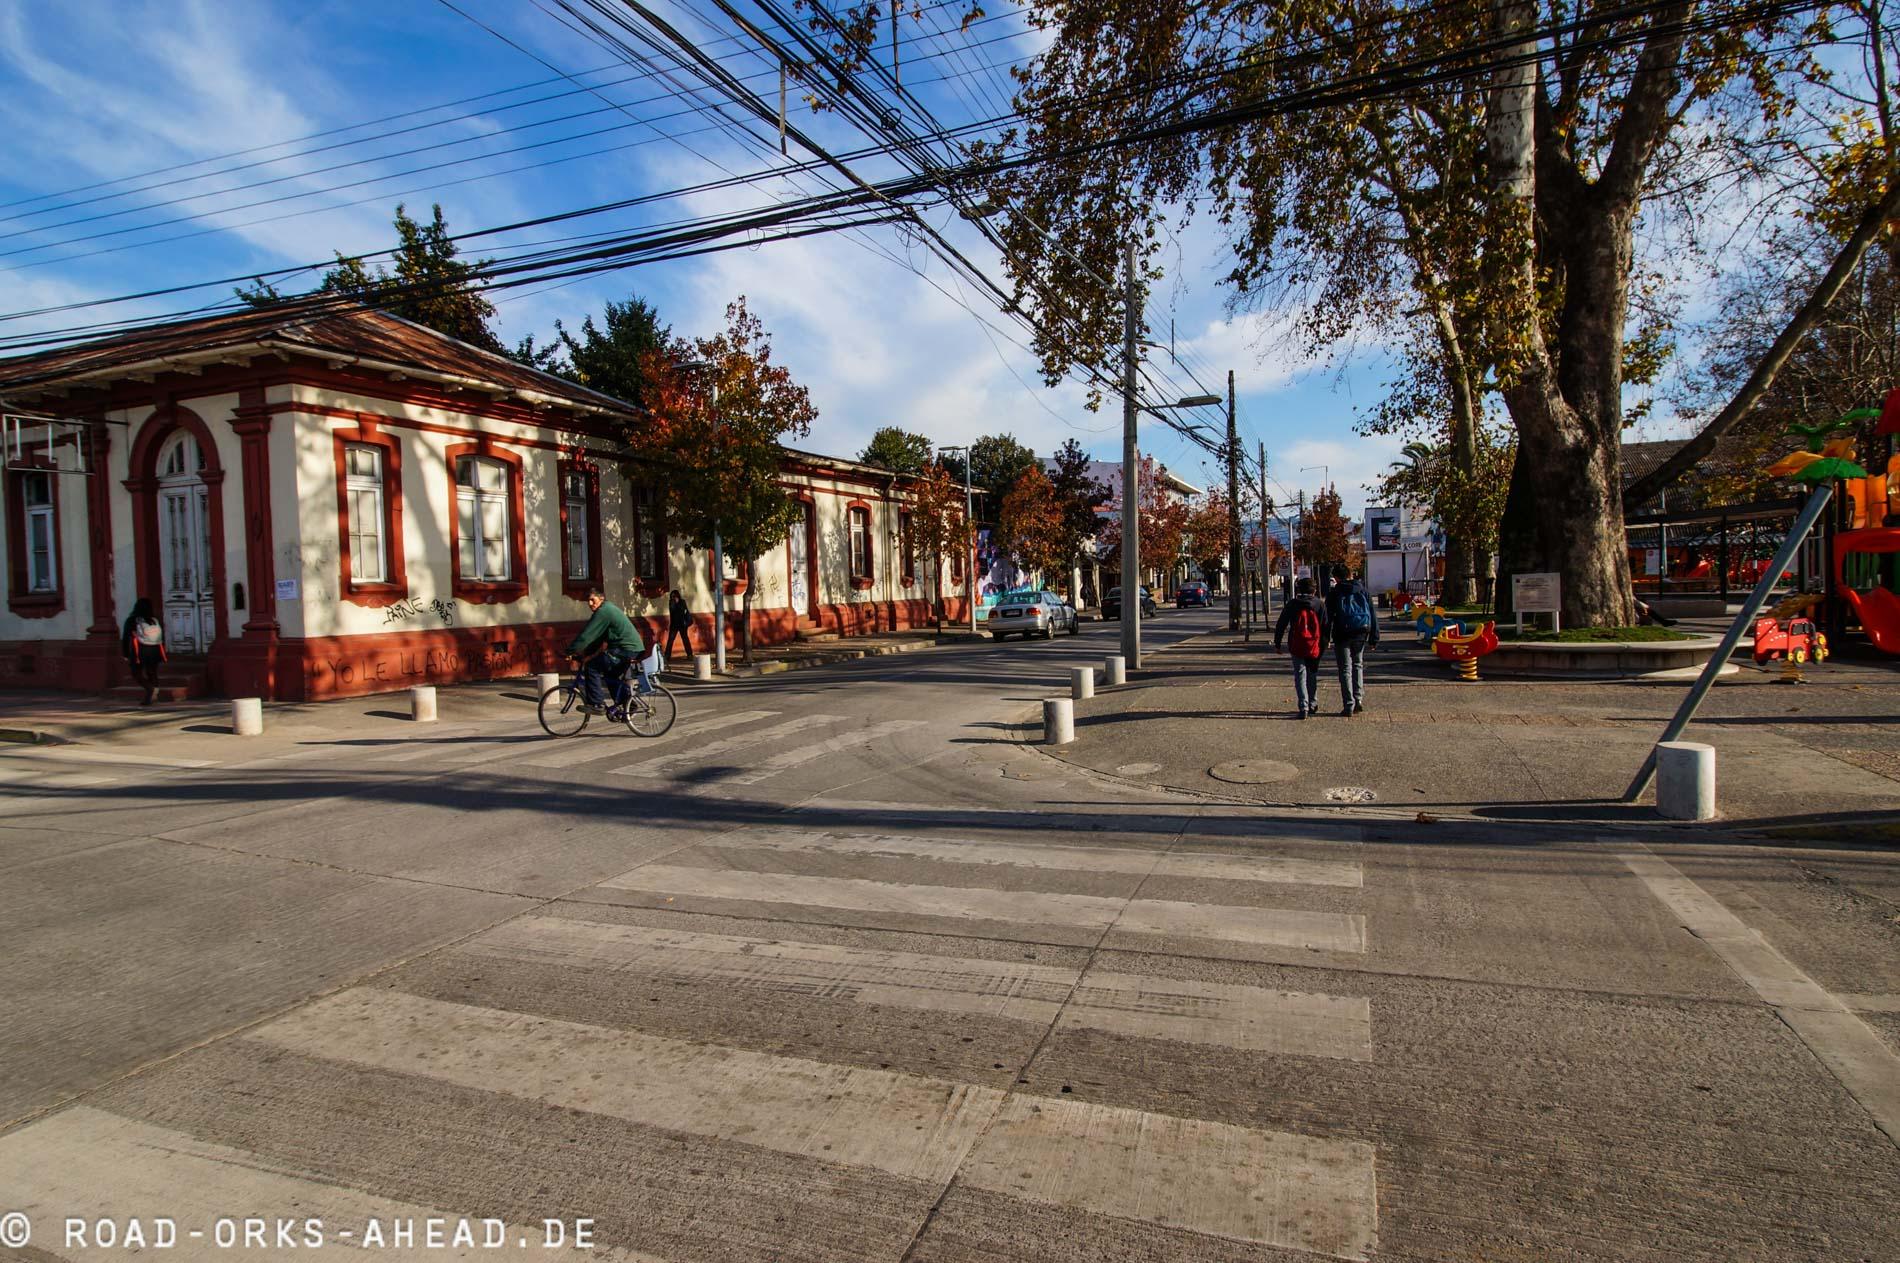 Santa Cruz, Chile